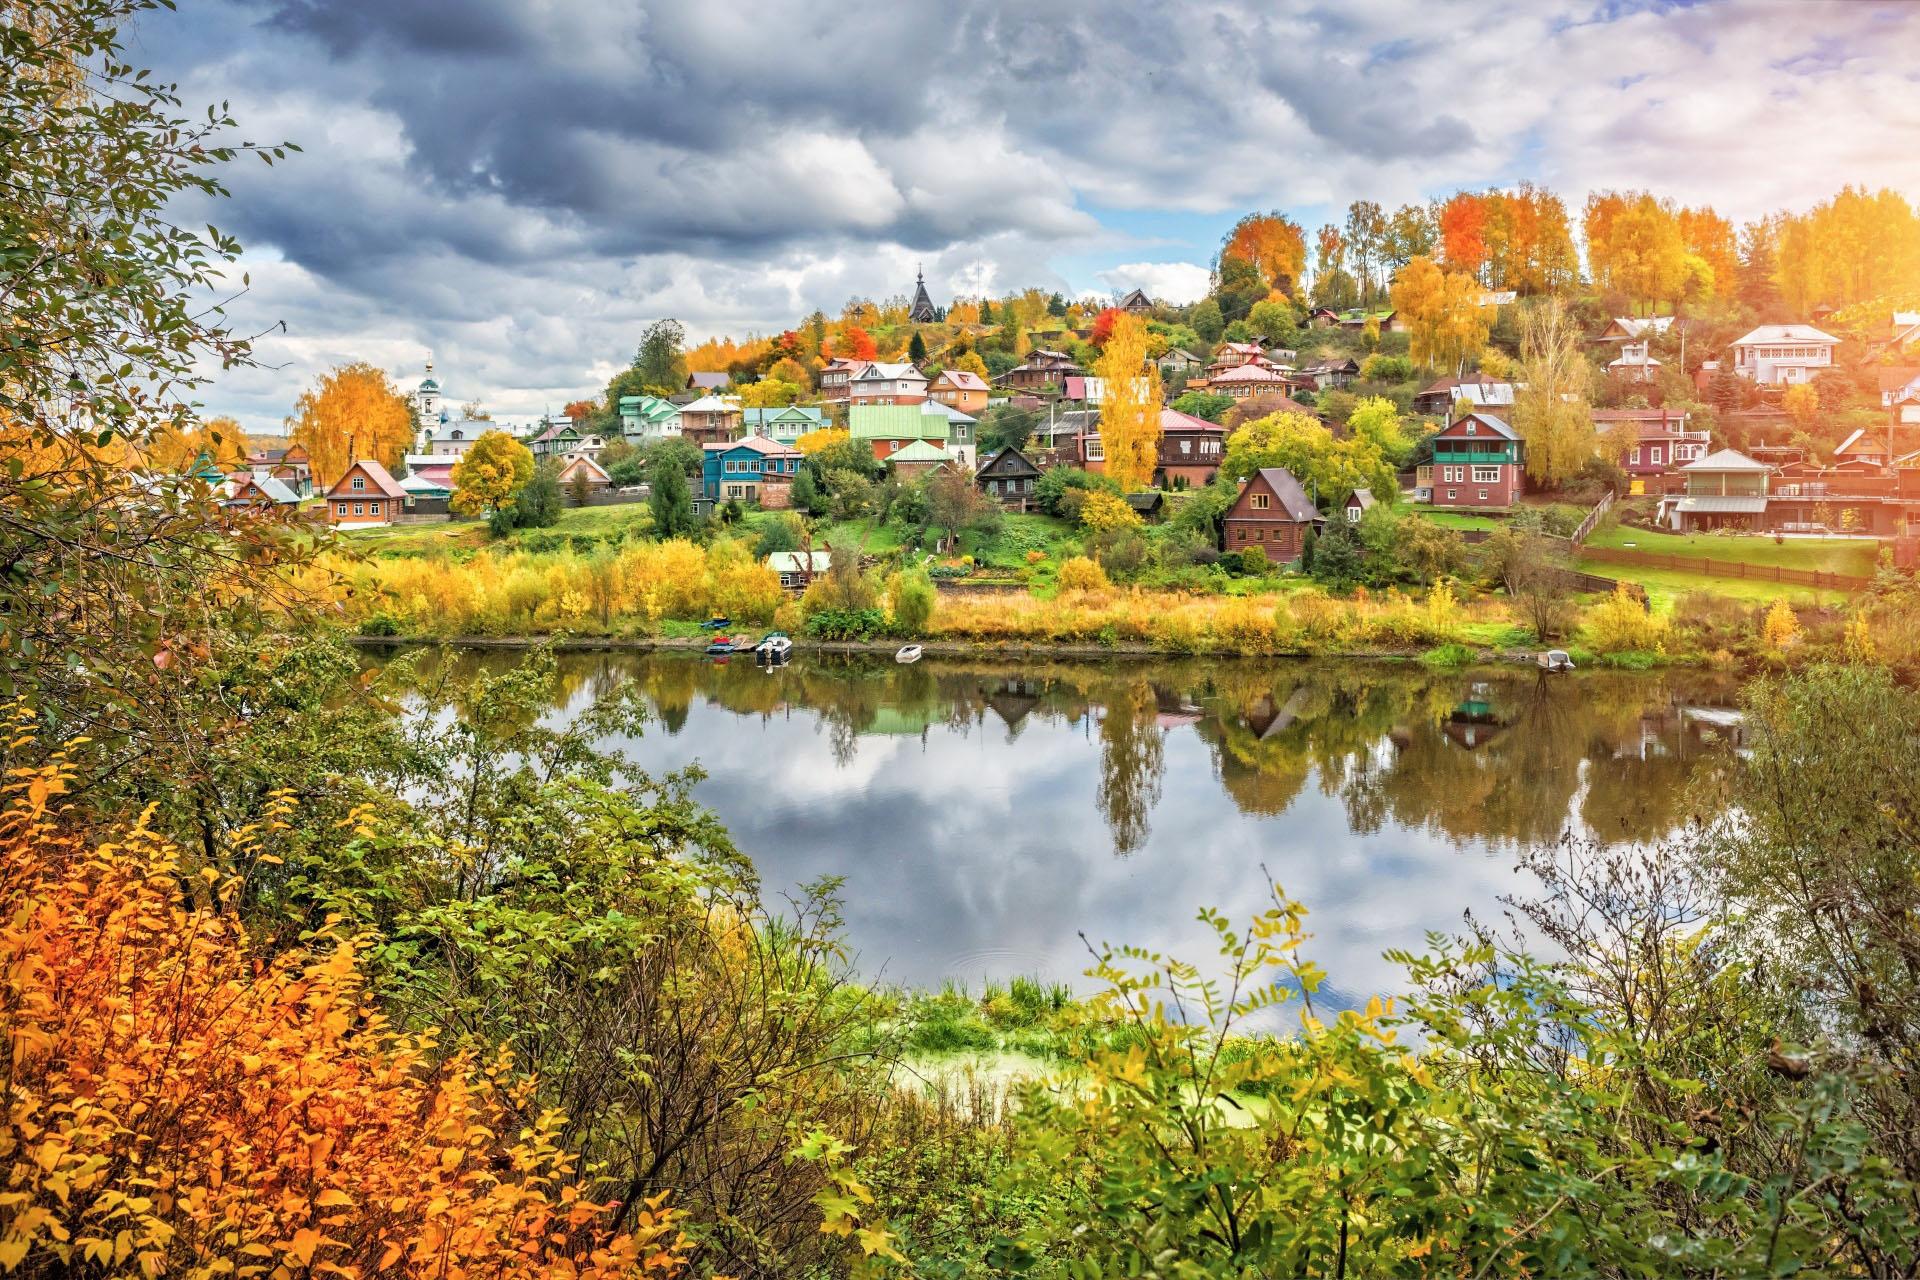 秋のヴォルガ川とプリョスの街並み ロシアの風景